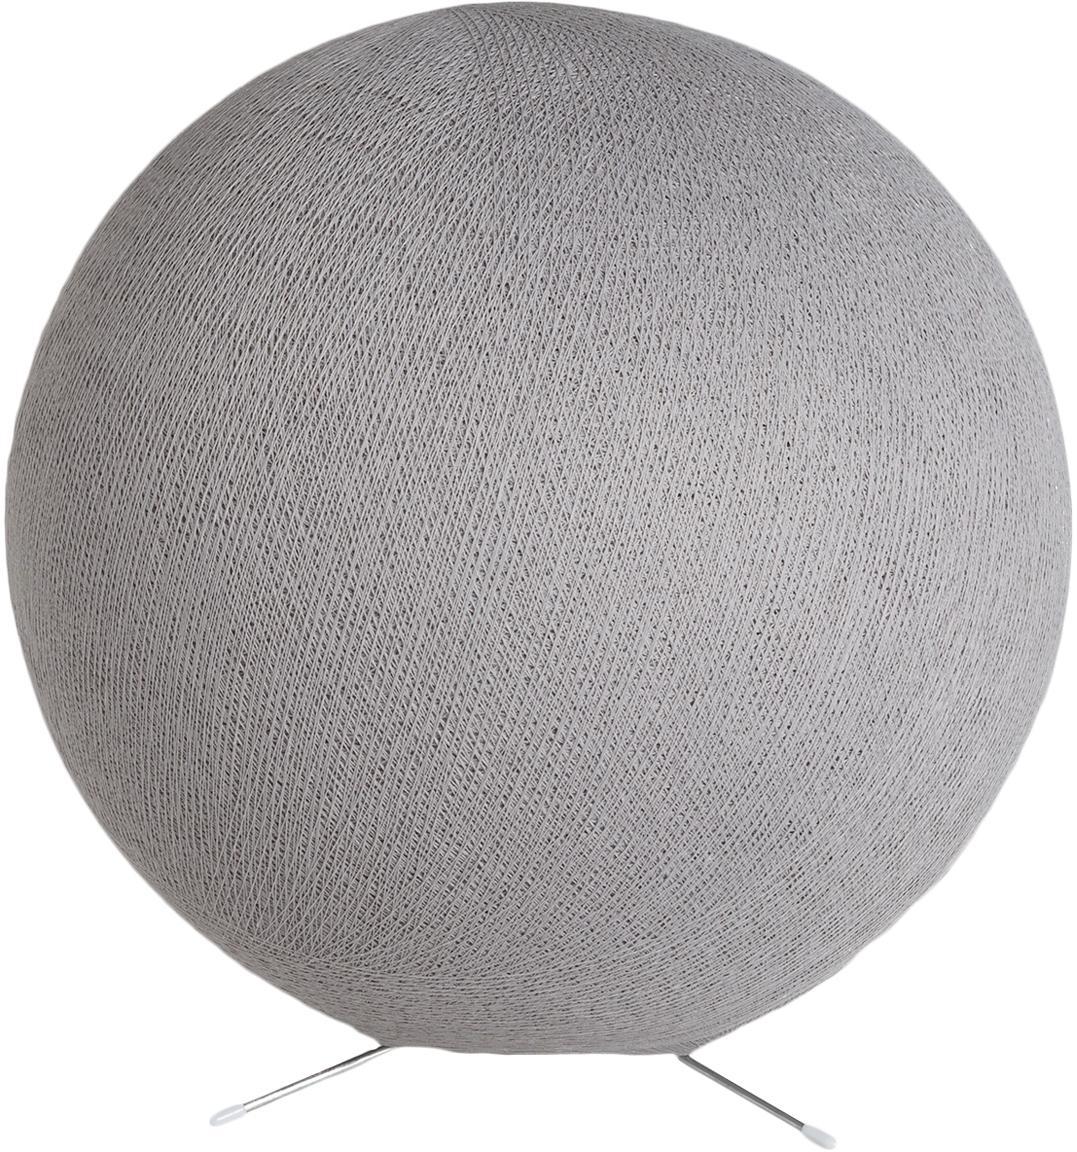 Tafellamp Colorain, Lampions: polyester, Beugel: metaal, Steengrijs, Ø 36 cm